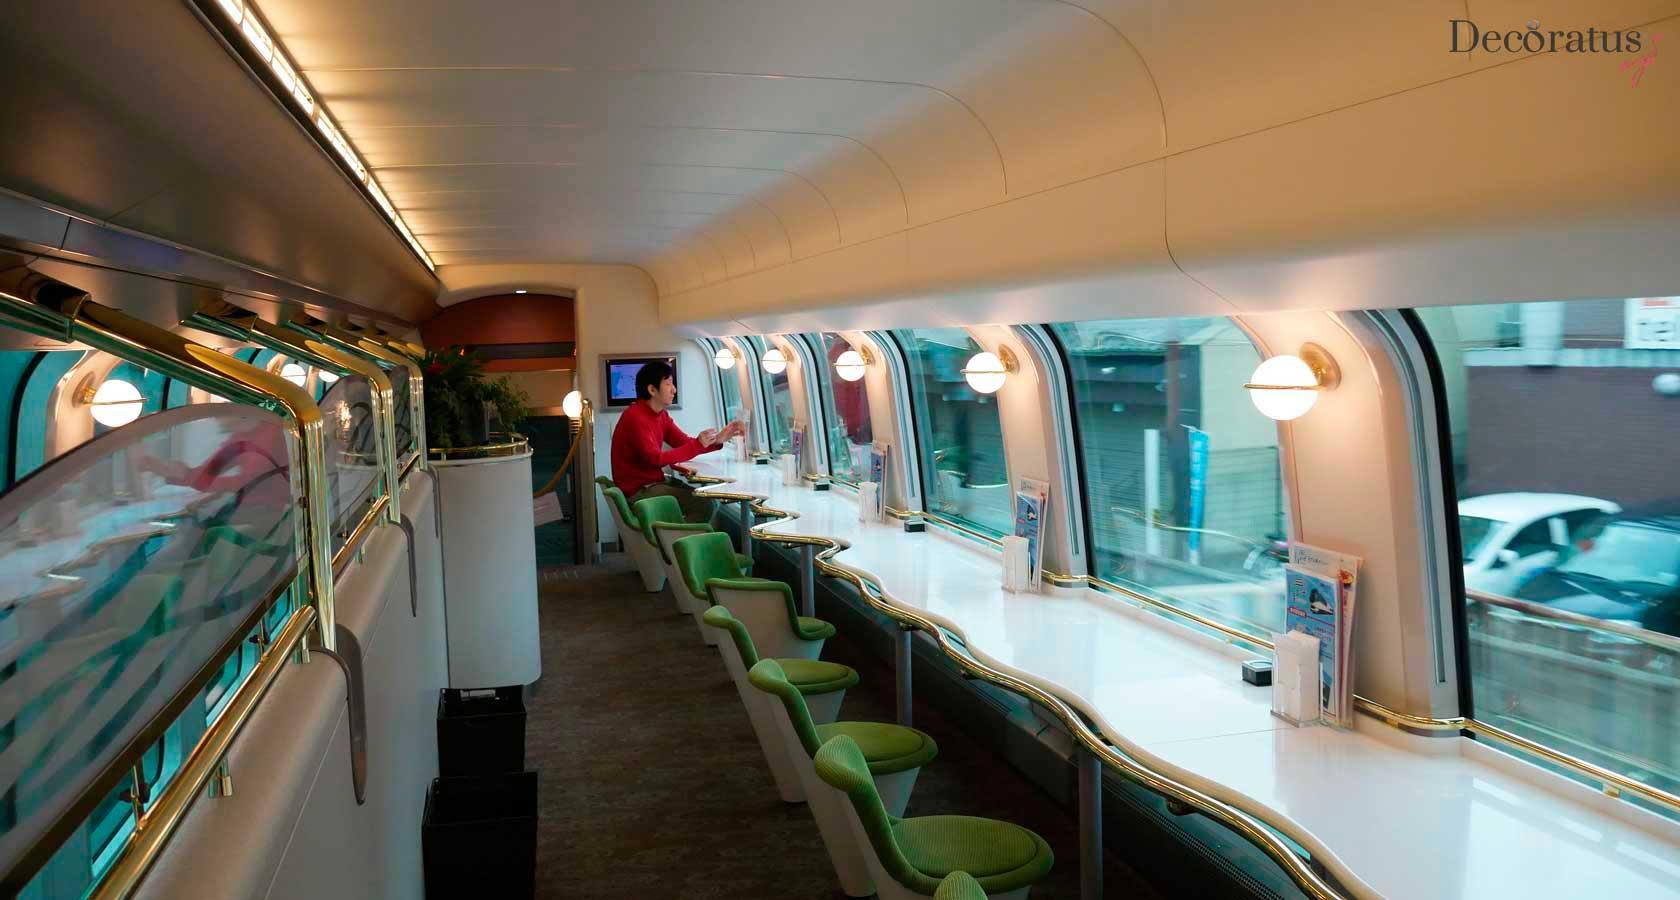 лимитированные поезд экспресс шимаказе япония